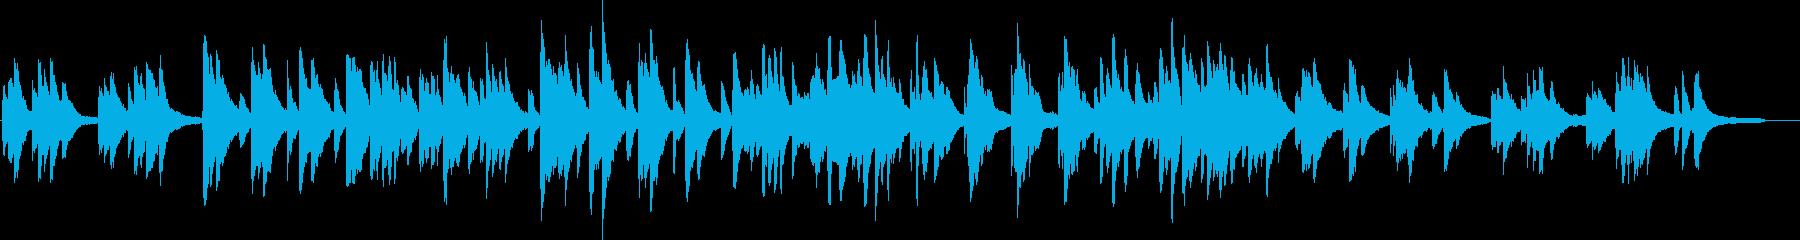 ピアノの優しい曲03の再生済みの波形